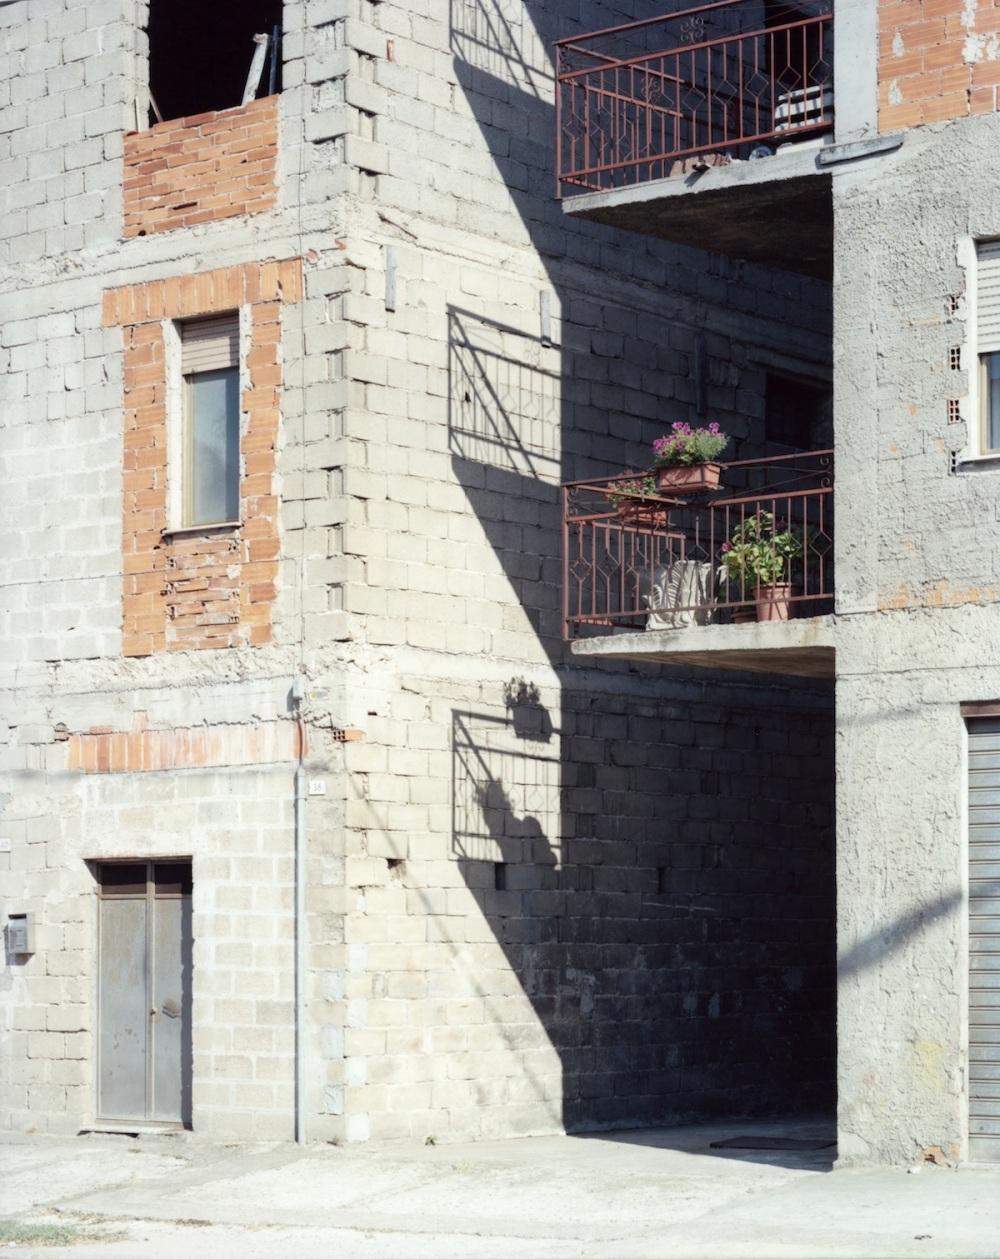 Guido-Guidi-Oliena-corso-Kennedy-05_07_2011-stampa-cromogenica